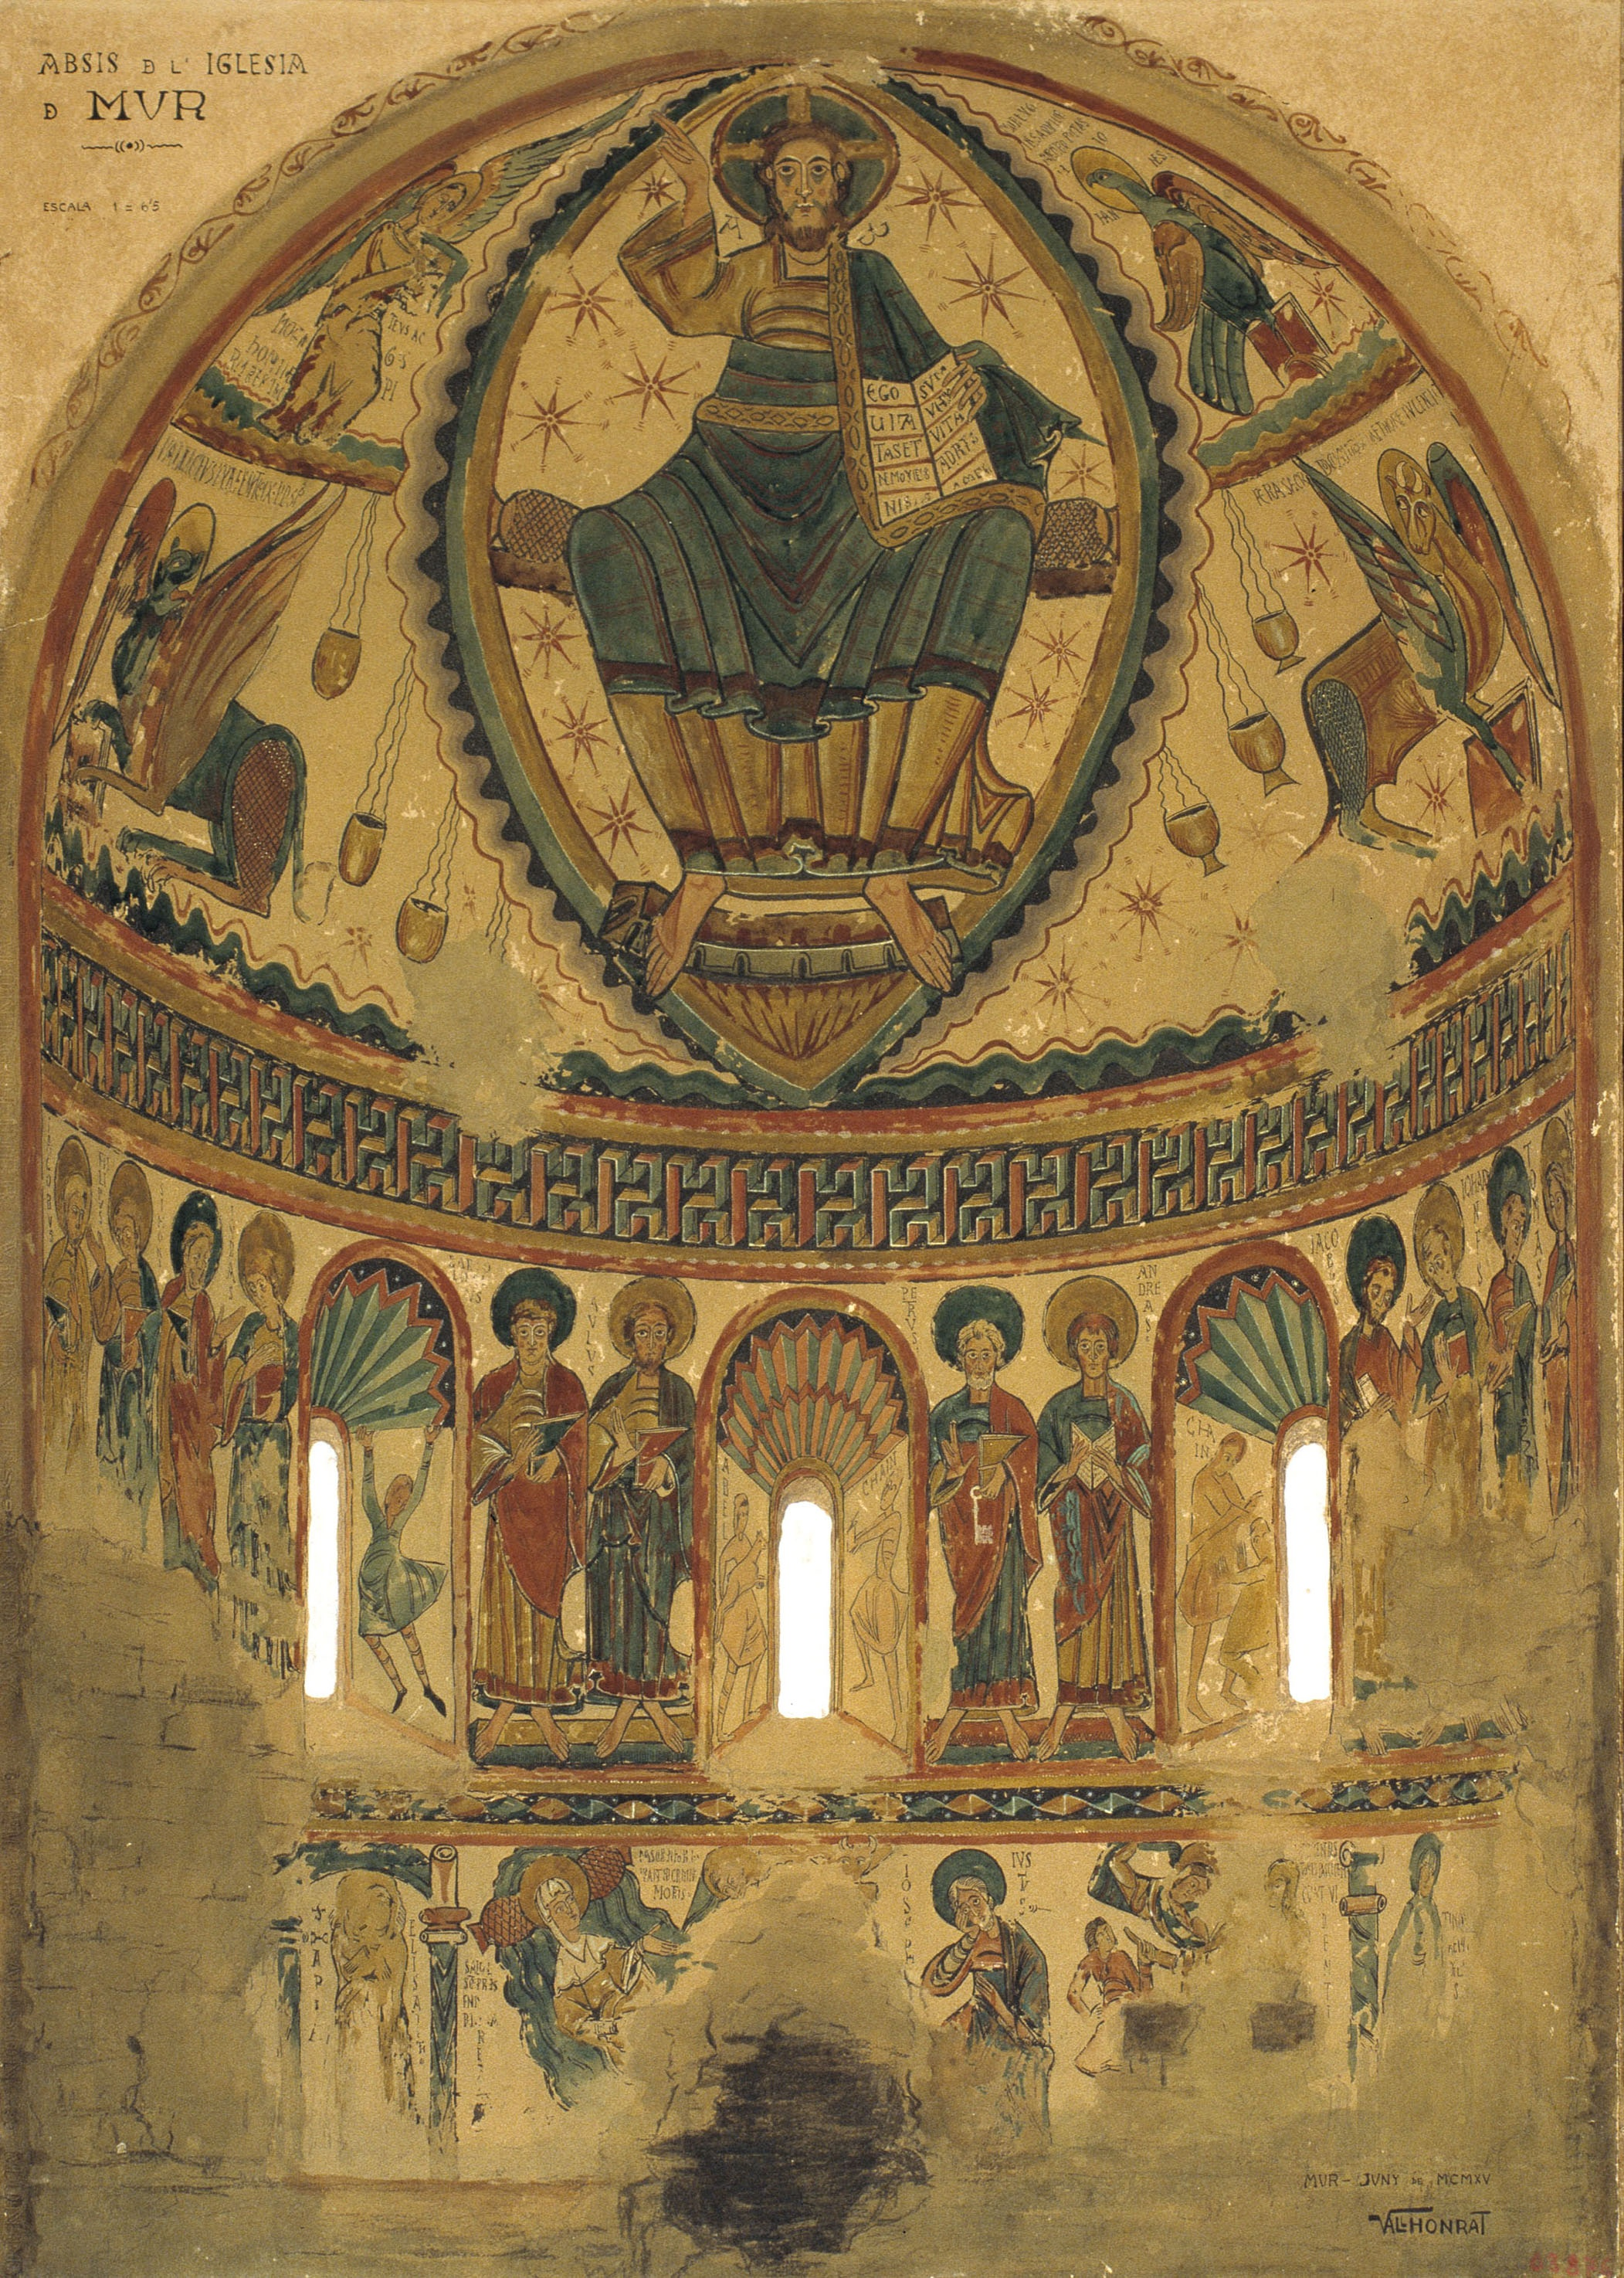 Reproducció de les pintures de l'absis de Santa Maria de Mur, Joan Vallhonrat,1915